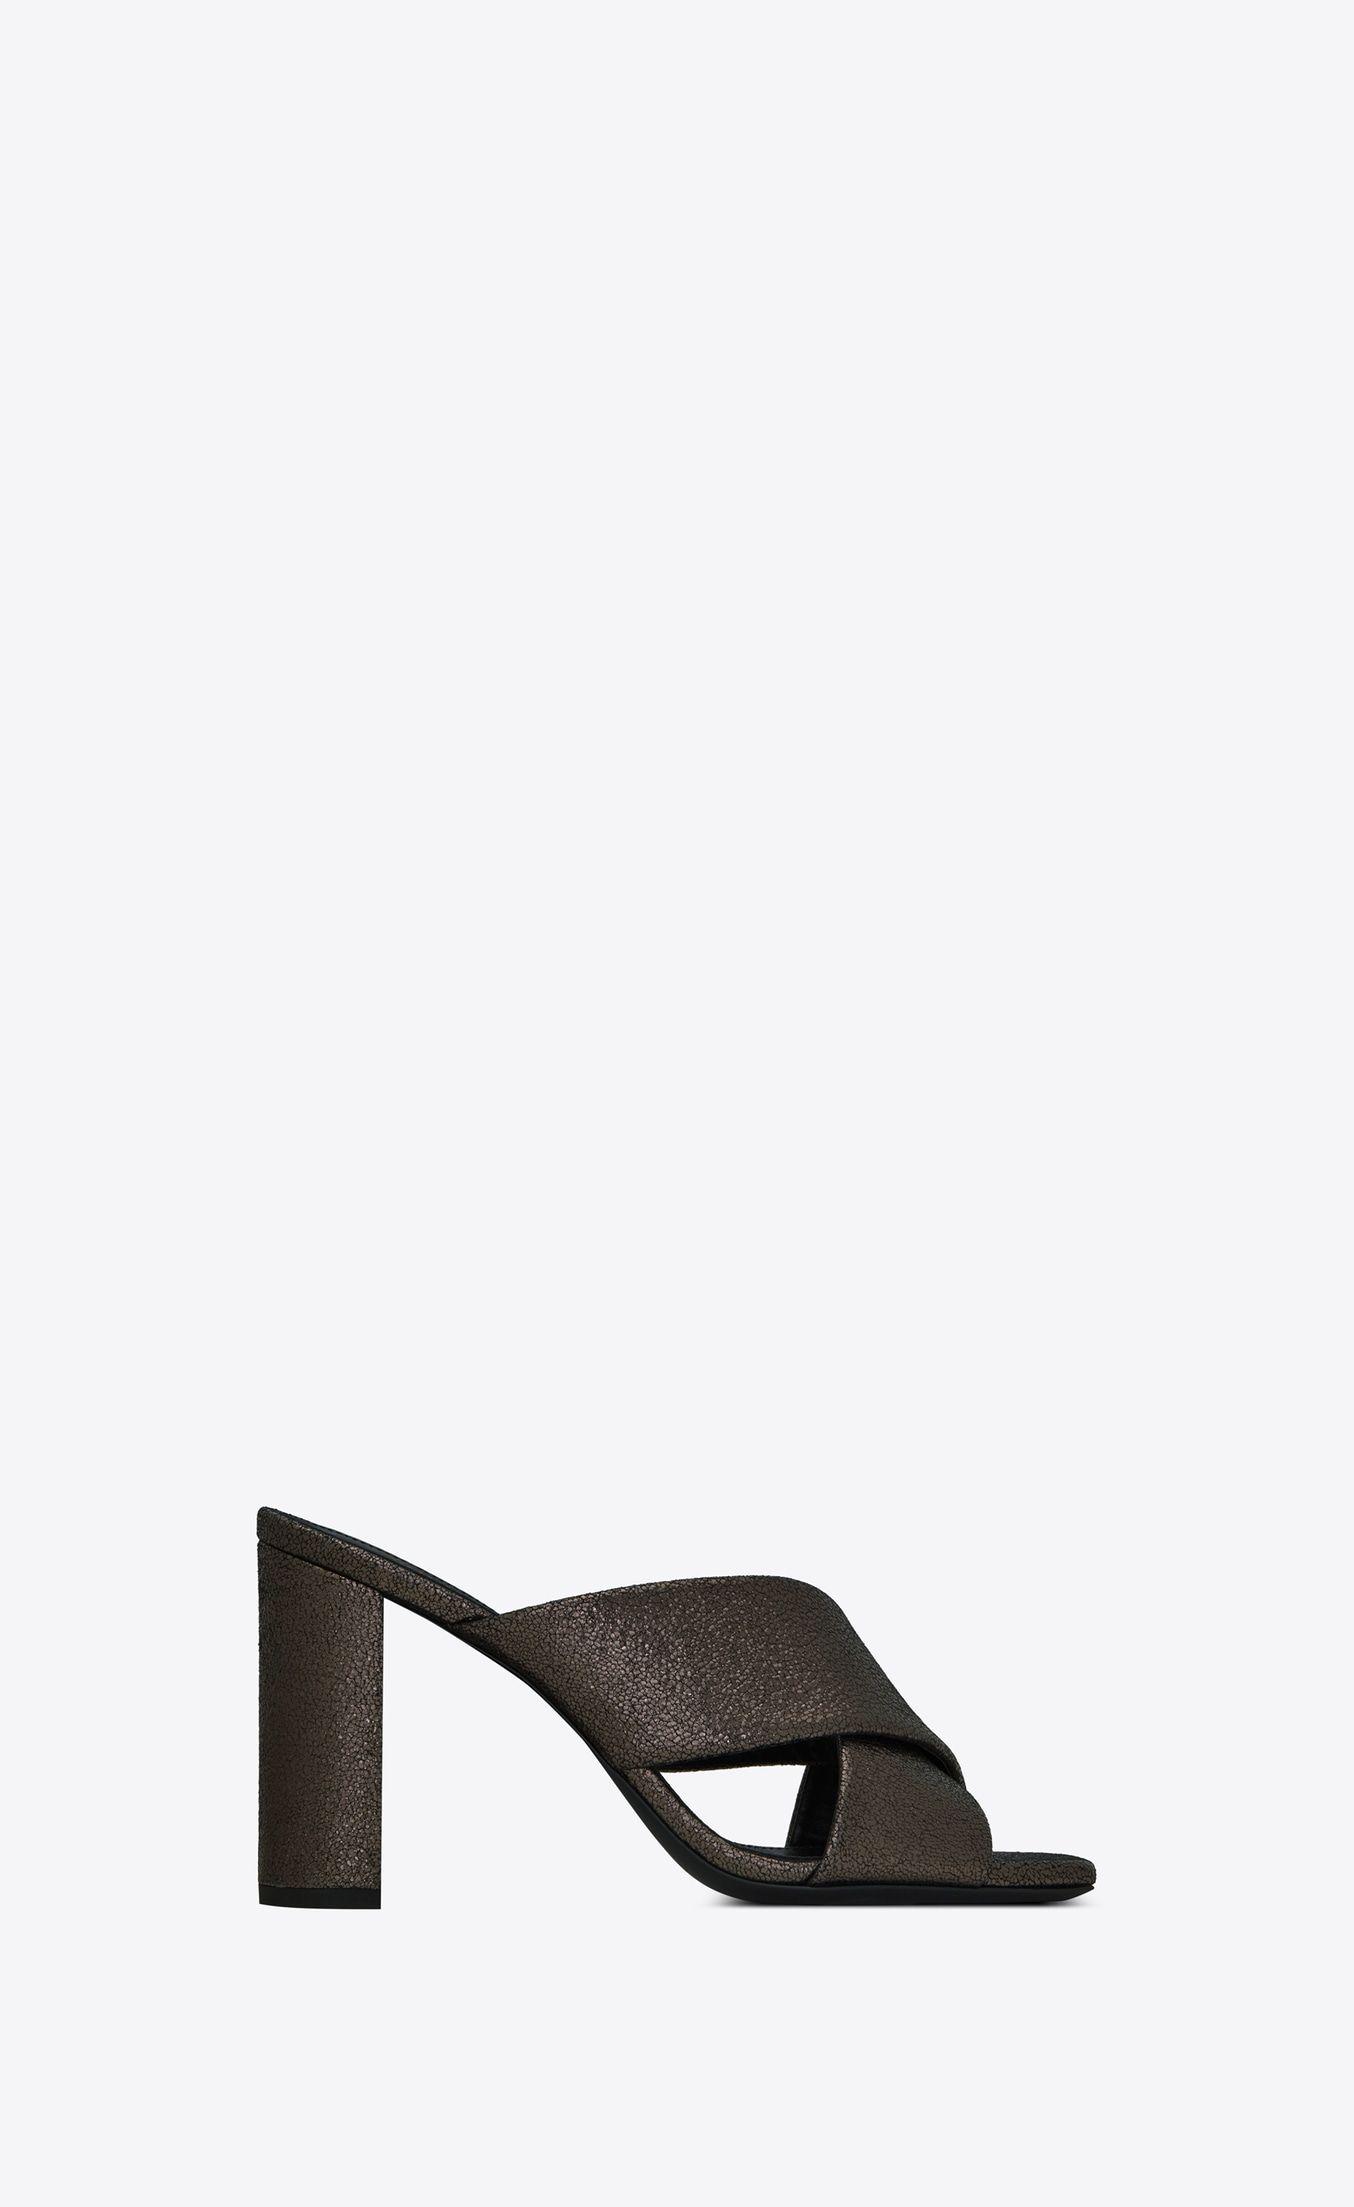 Loulou Mules In Metallic Leather Metallic Leather